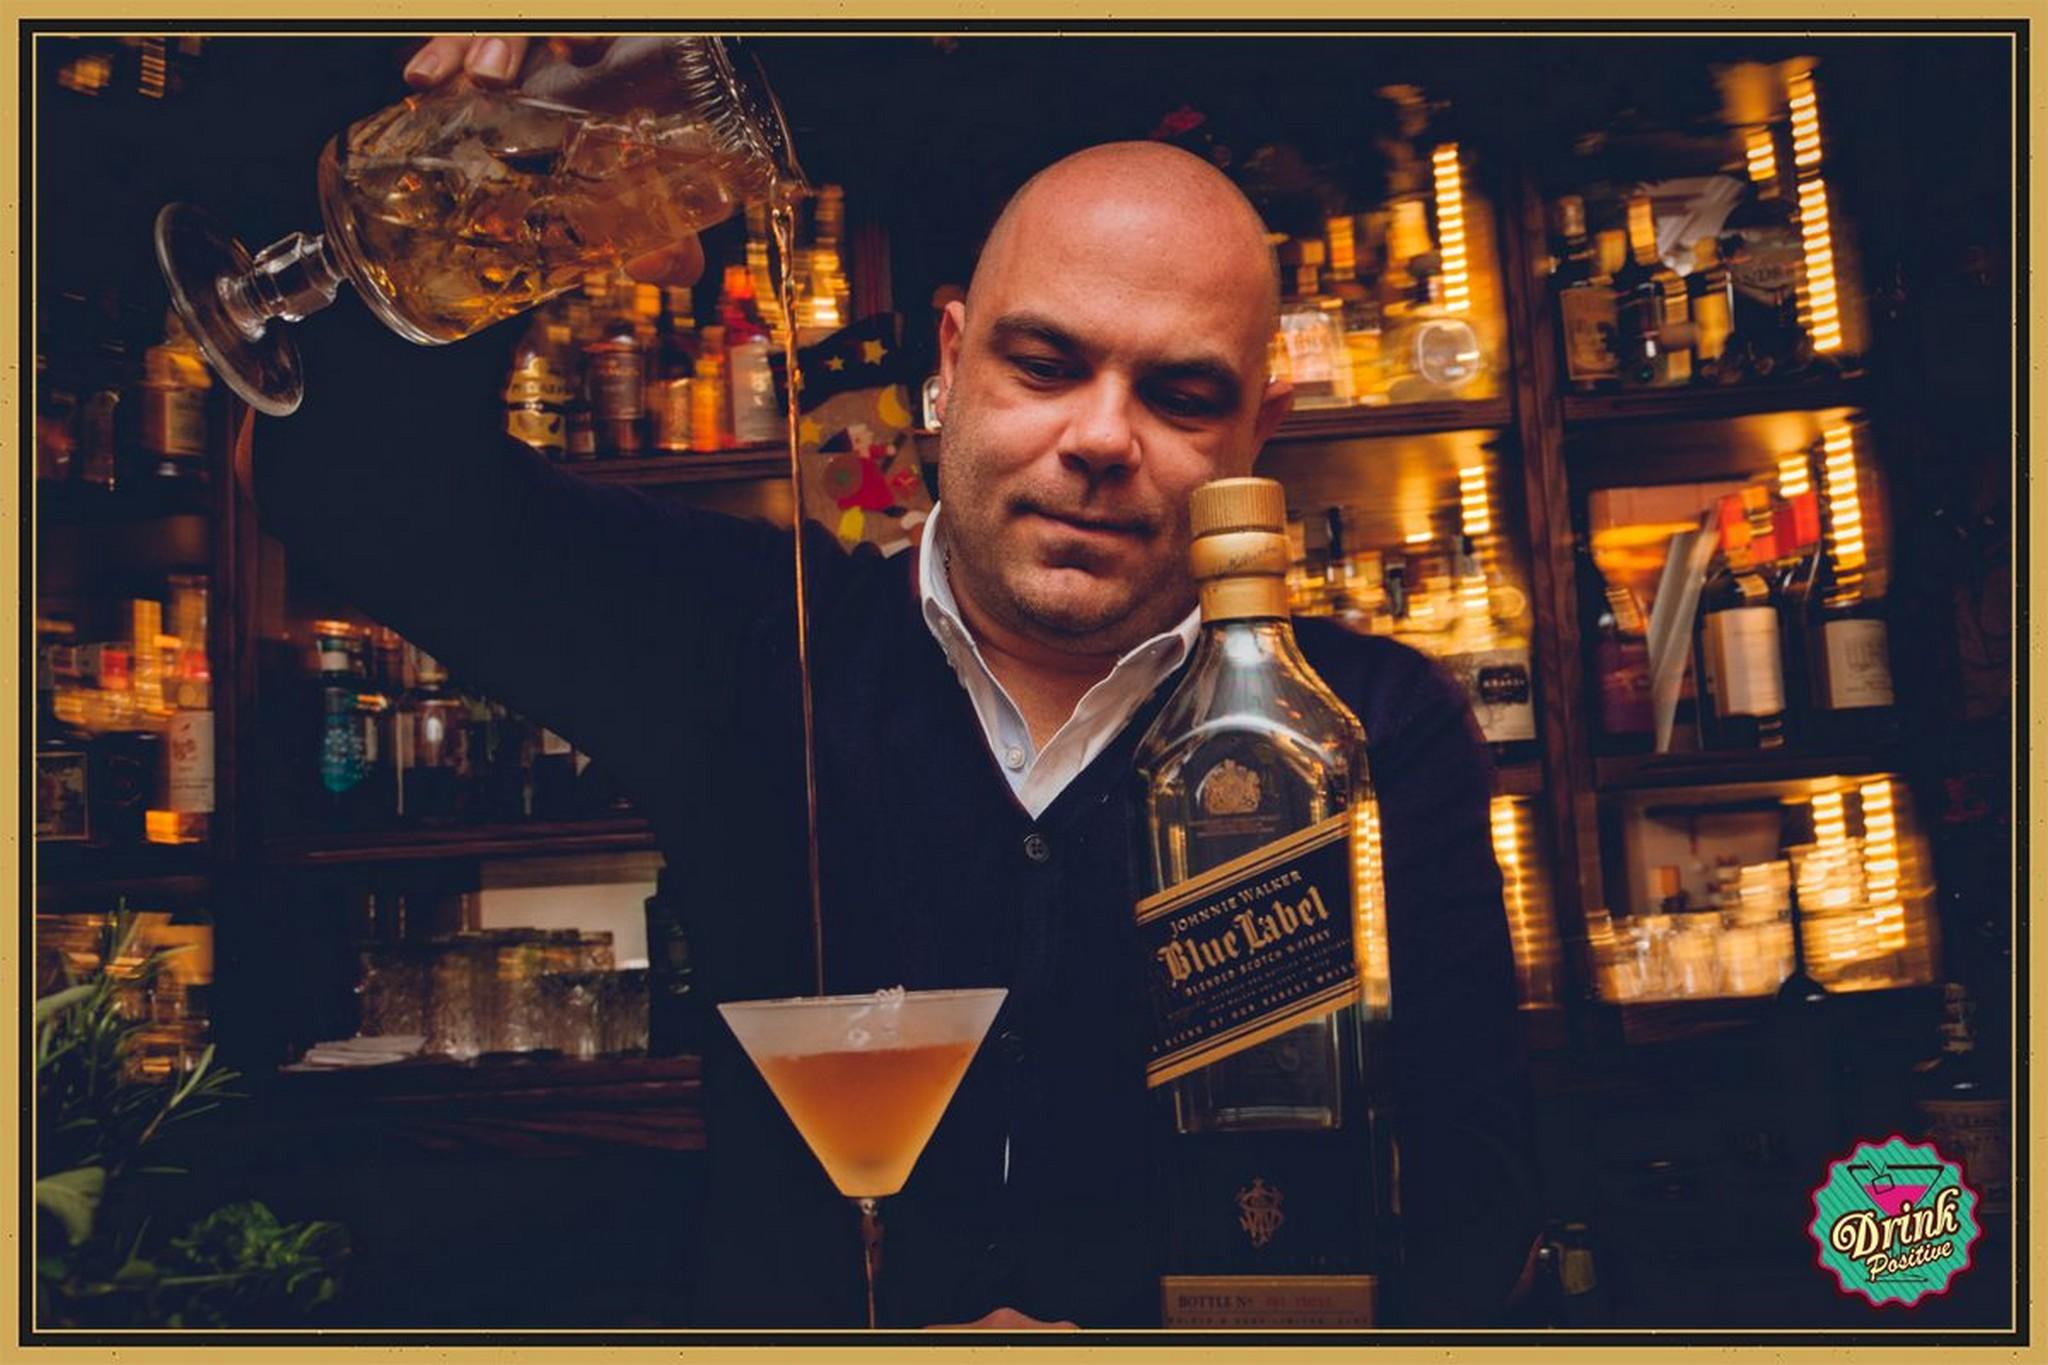 fabio_camboni_Gaeta_Drink_Positive_consulenze__apertura_locali_corsi_barman_115